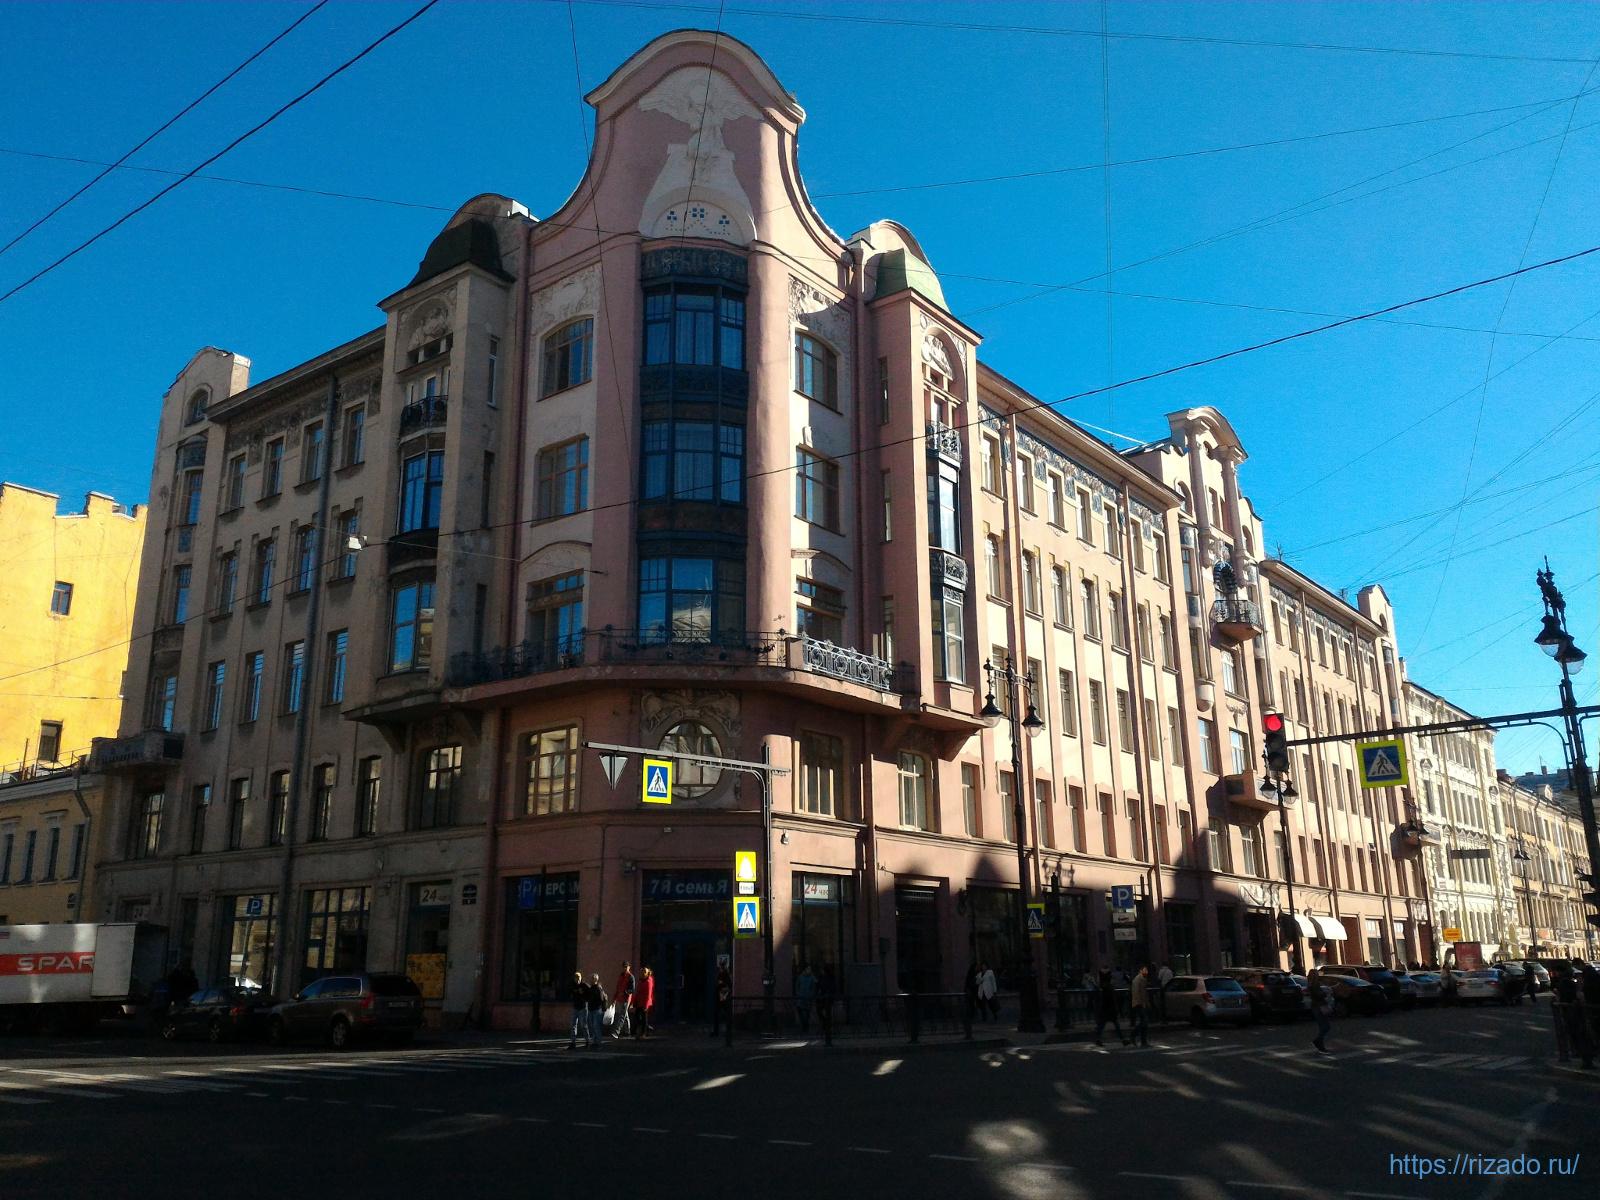 Улица Восстания, Ленинград